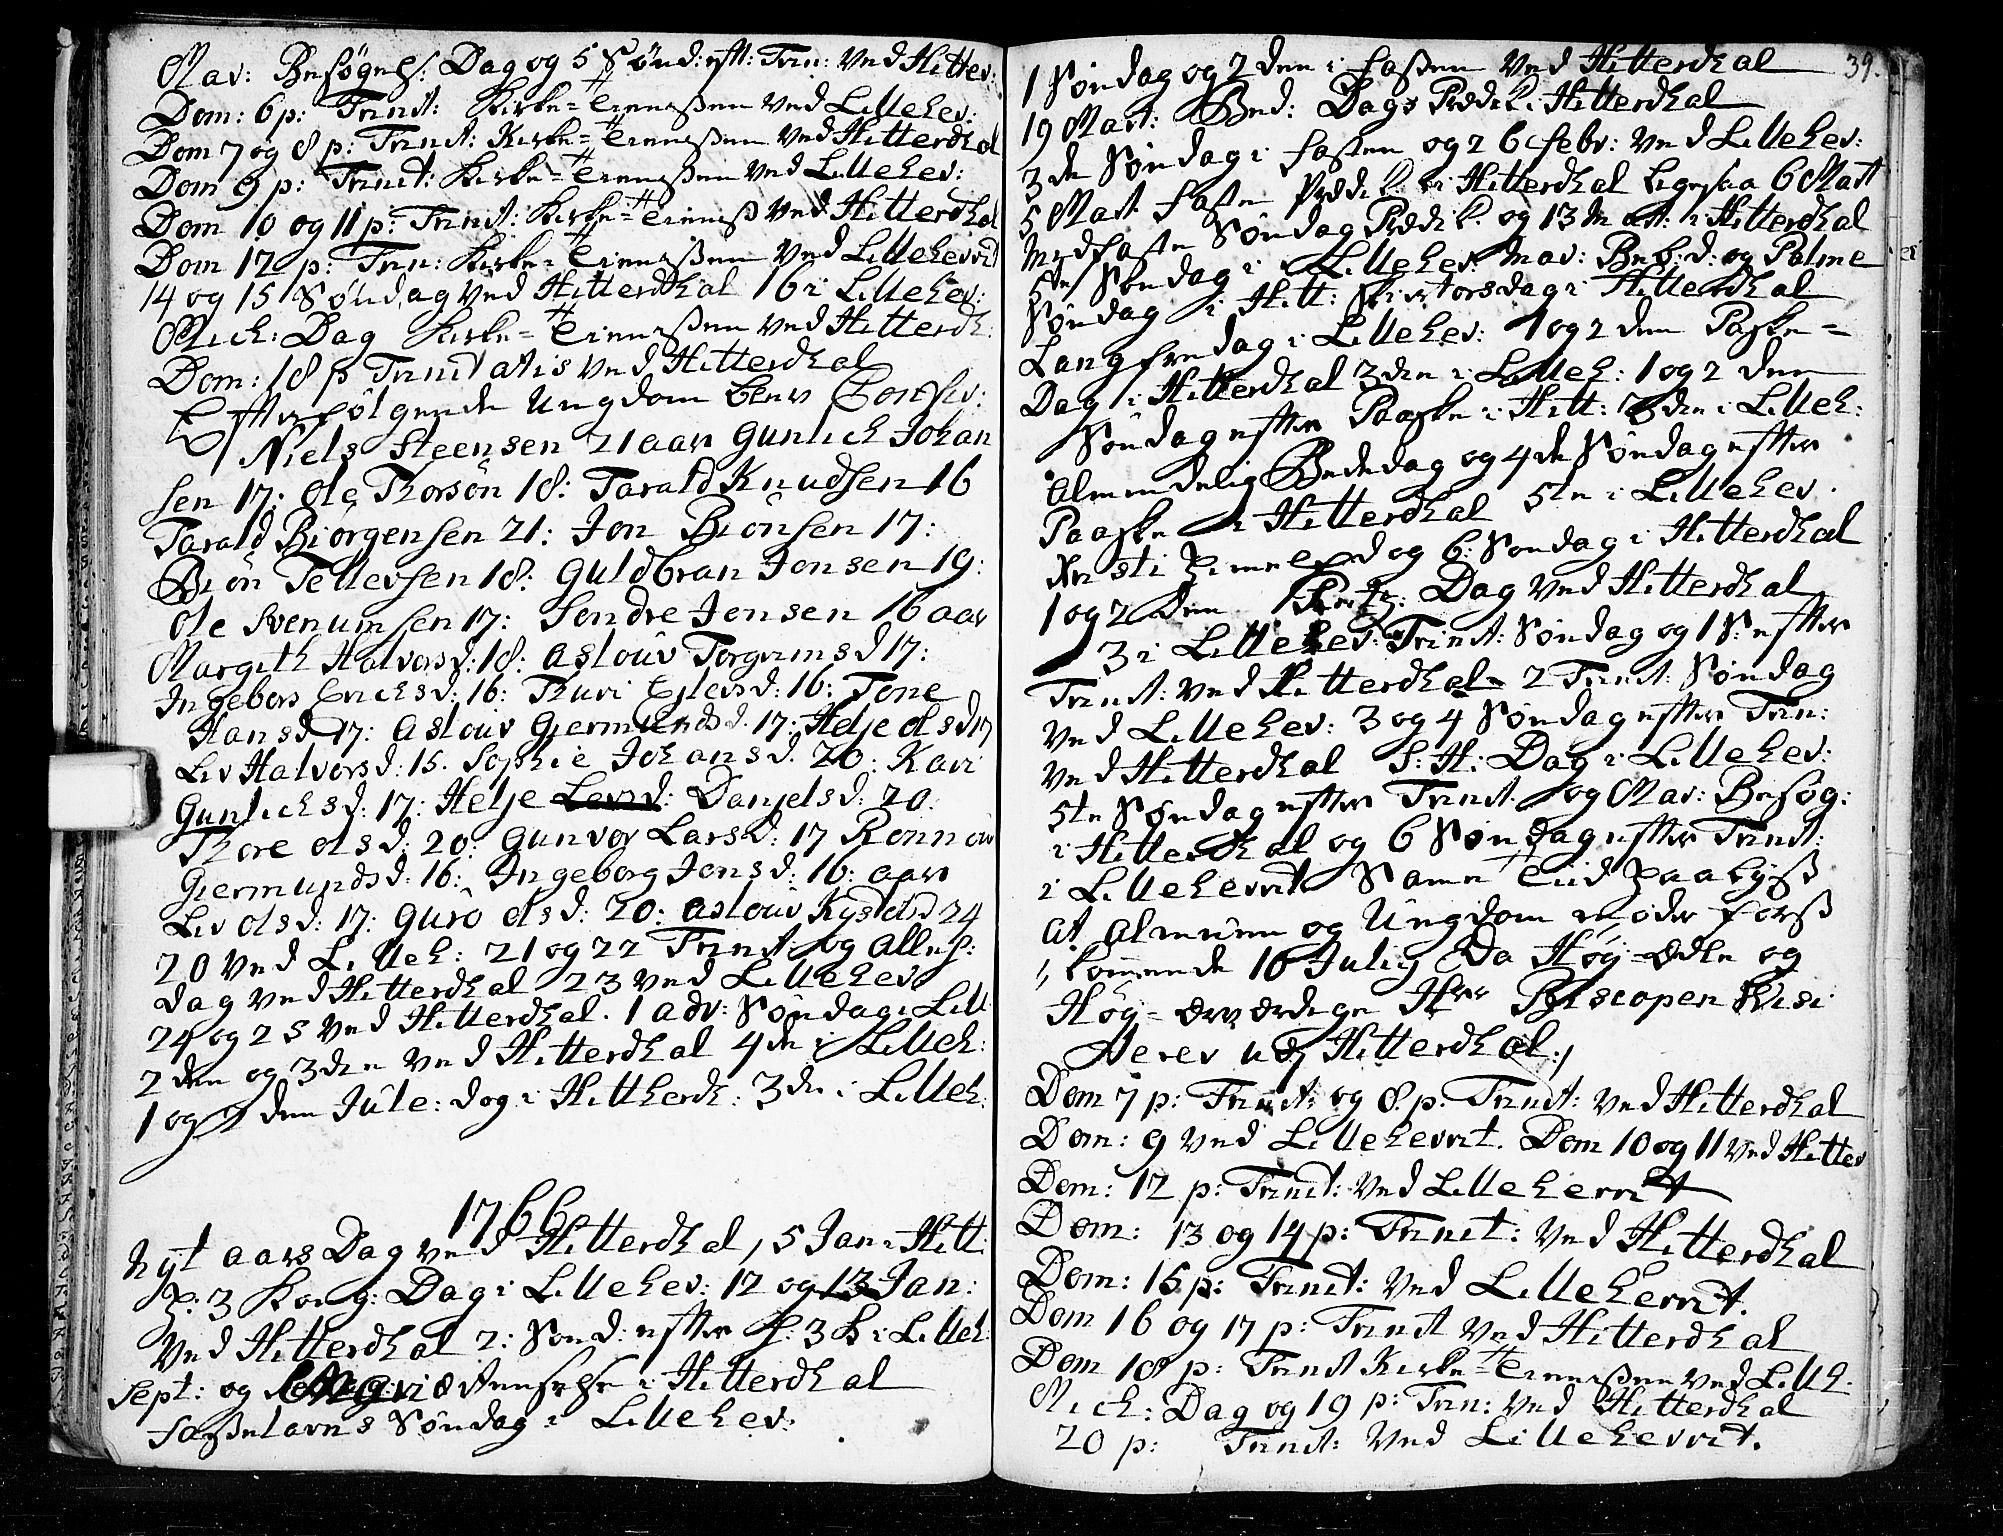 SAKO, Heddal kirkebøker, F/Fa/L0003: Ministerialbok nr. I 3, 1723-1783, s. 39